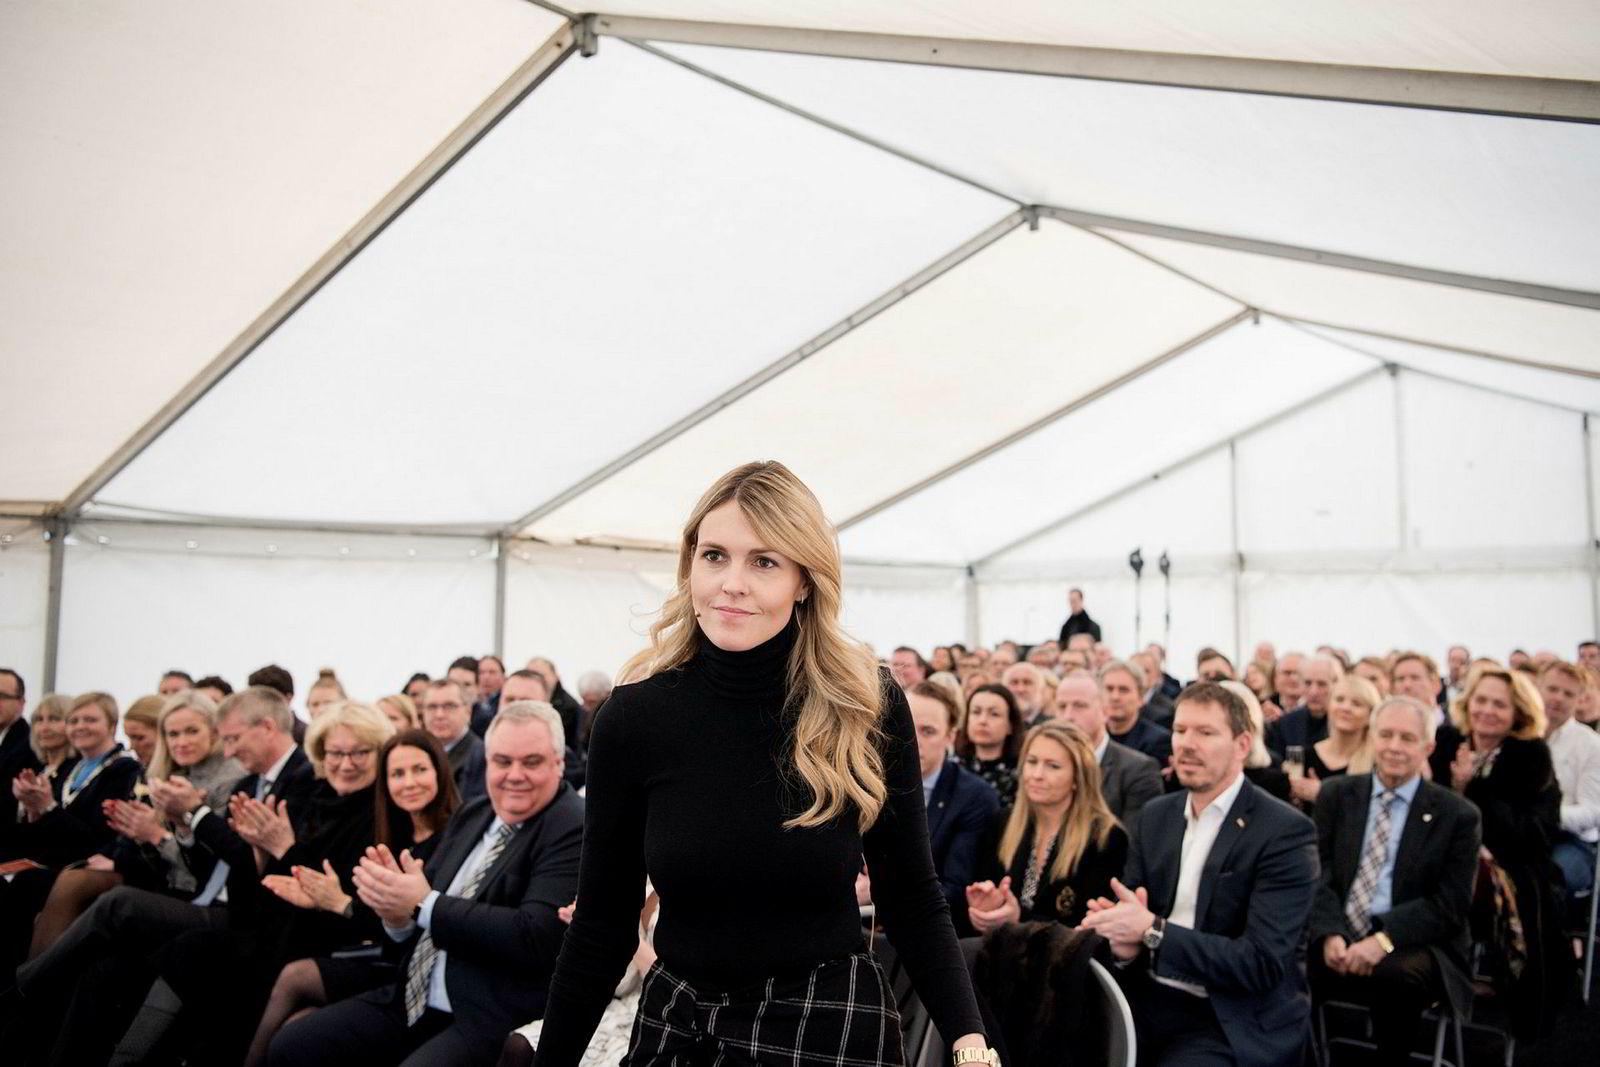 Ifjor sommer ble det kjent at Anna Margaret Smedvig hadde tatt kontrollen over Smedvig-familiens formue som er anslått til 11,4 milliarder kroner.